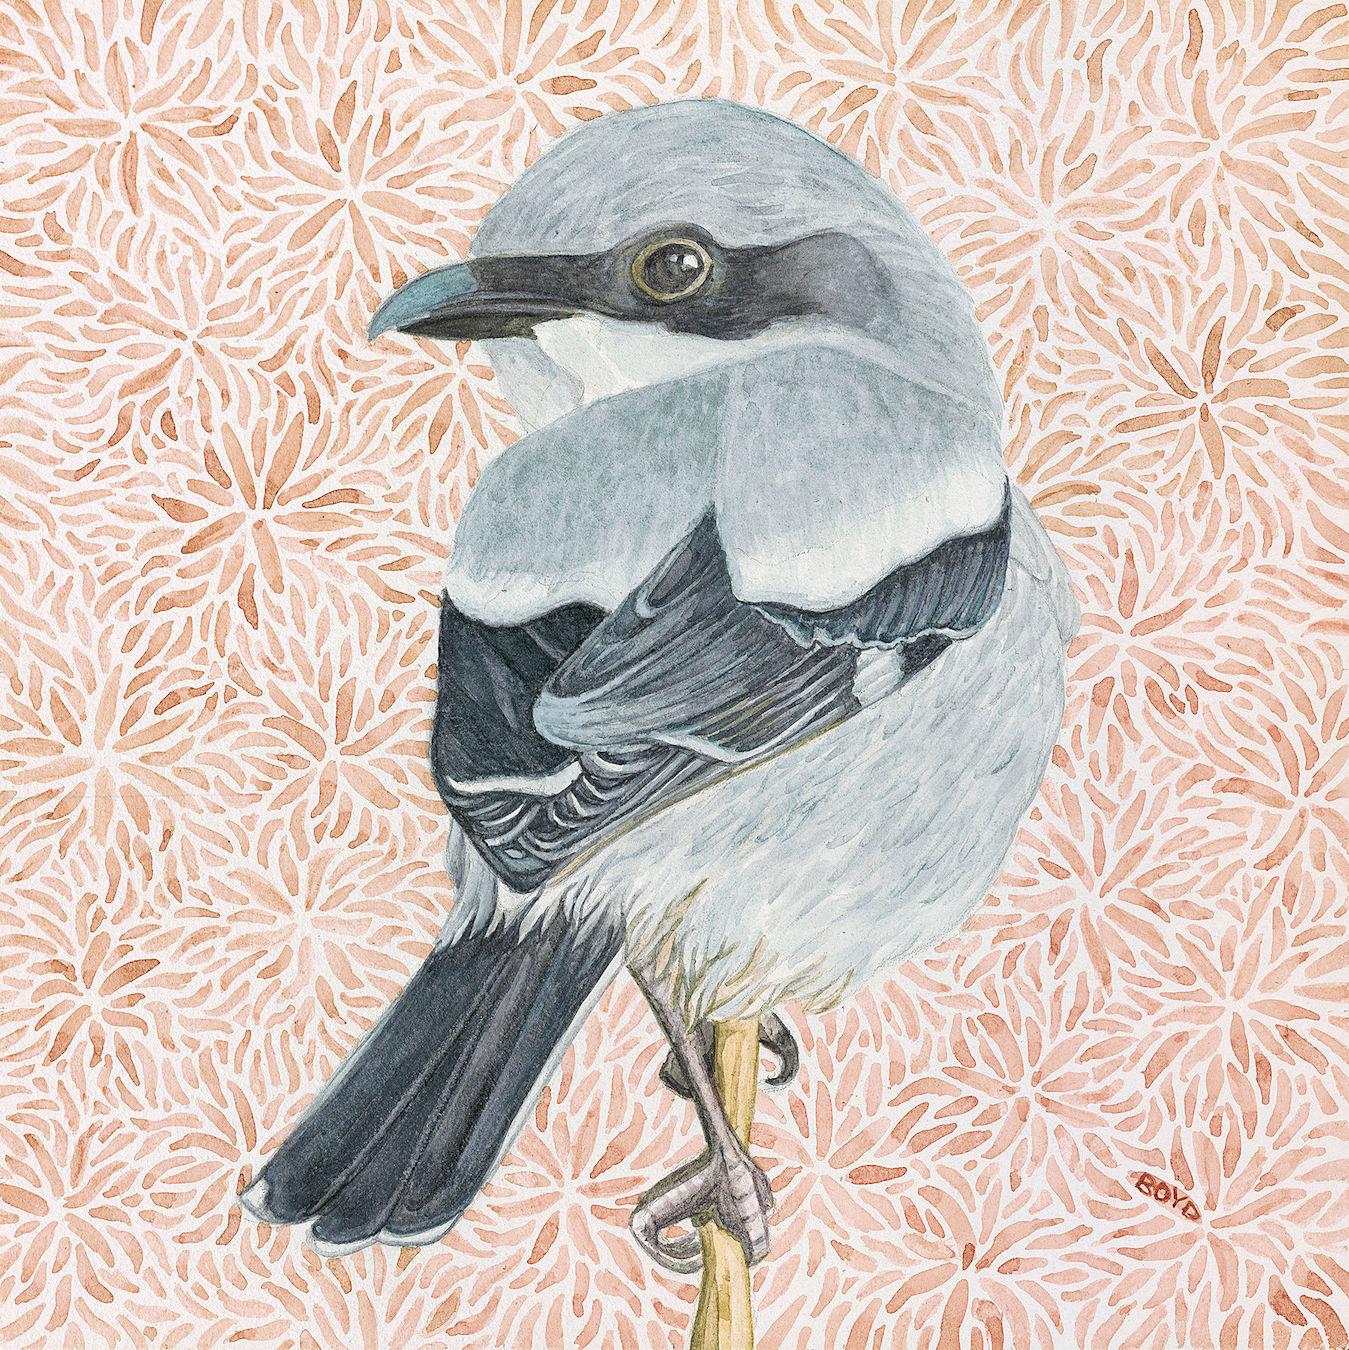 Judy Boyd: Loggerhead Shrike